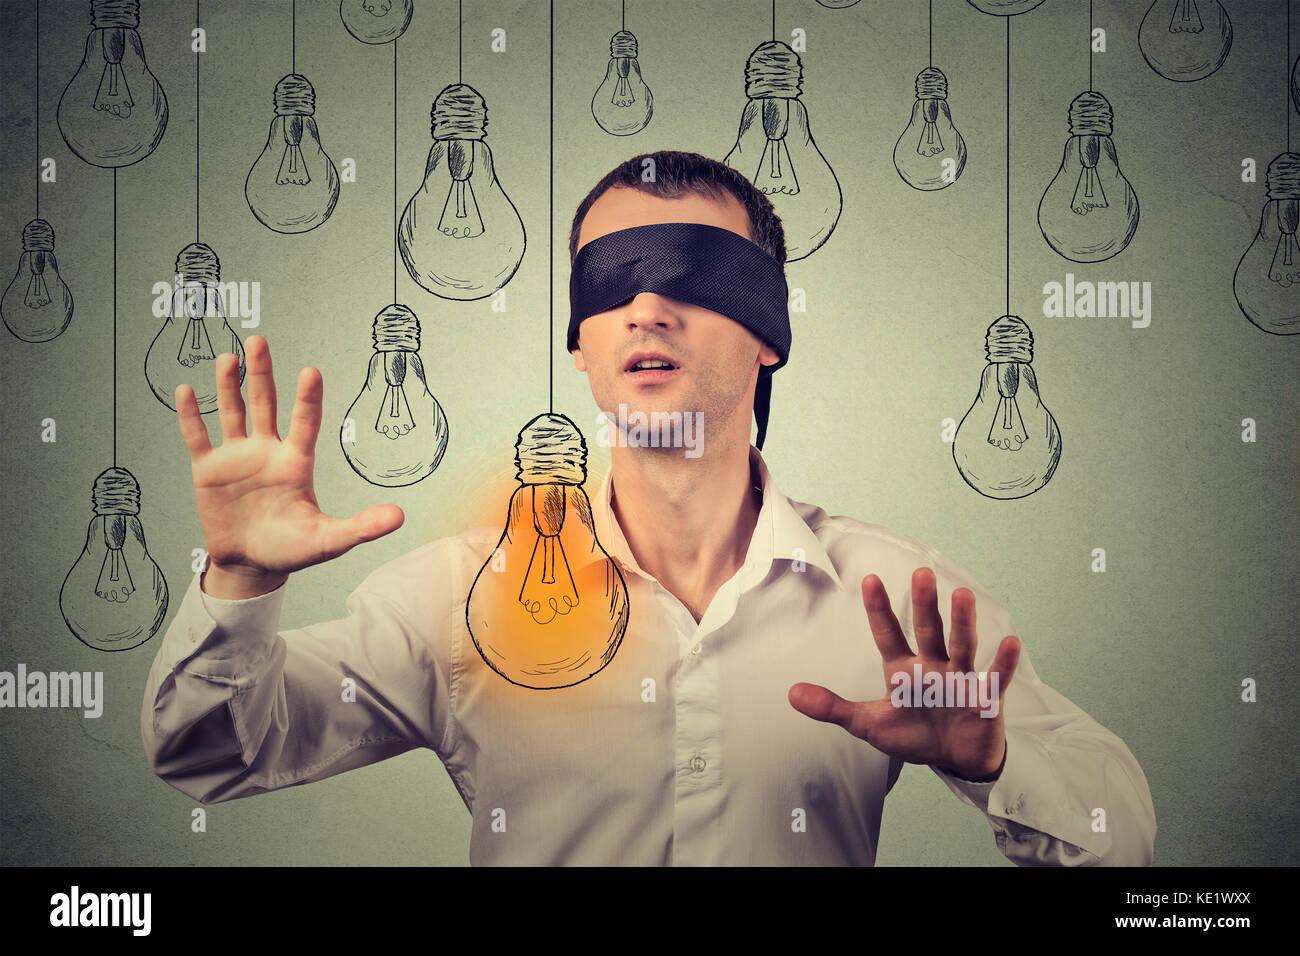 Mit verbundenen Augen junger Mann zu Fuß durch Glühbirnen auf der Suche nach hellen Idee Stockbild